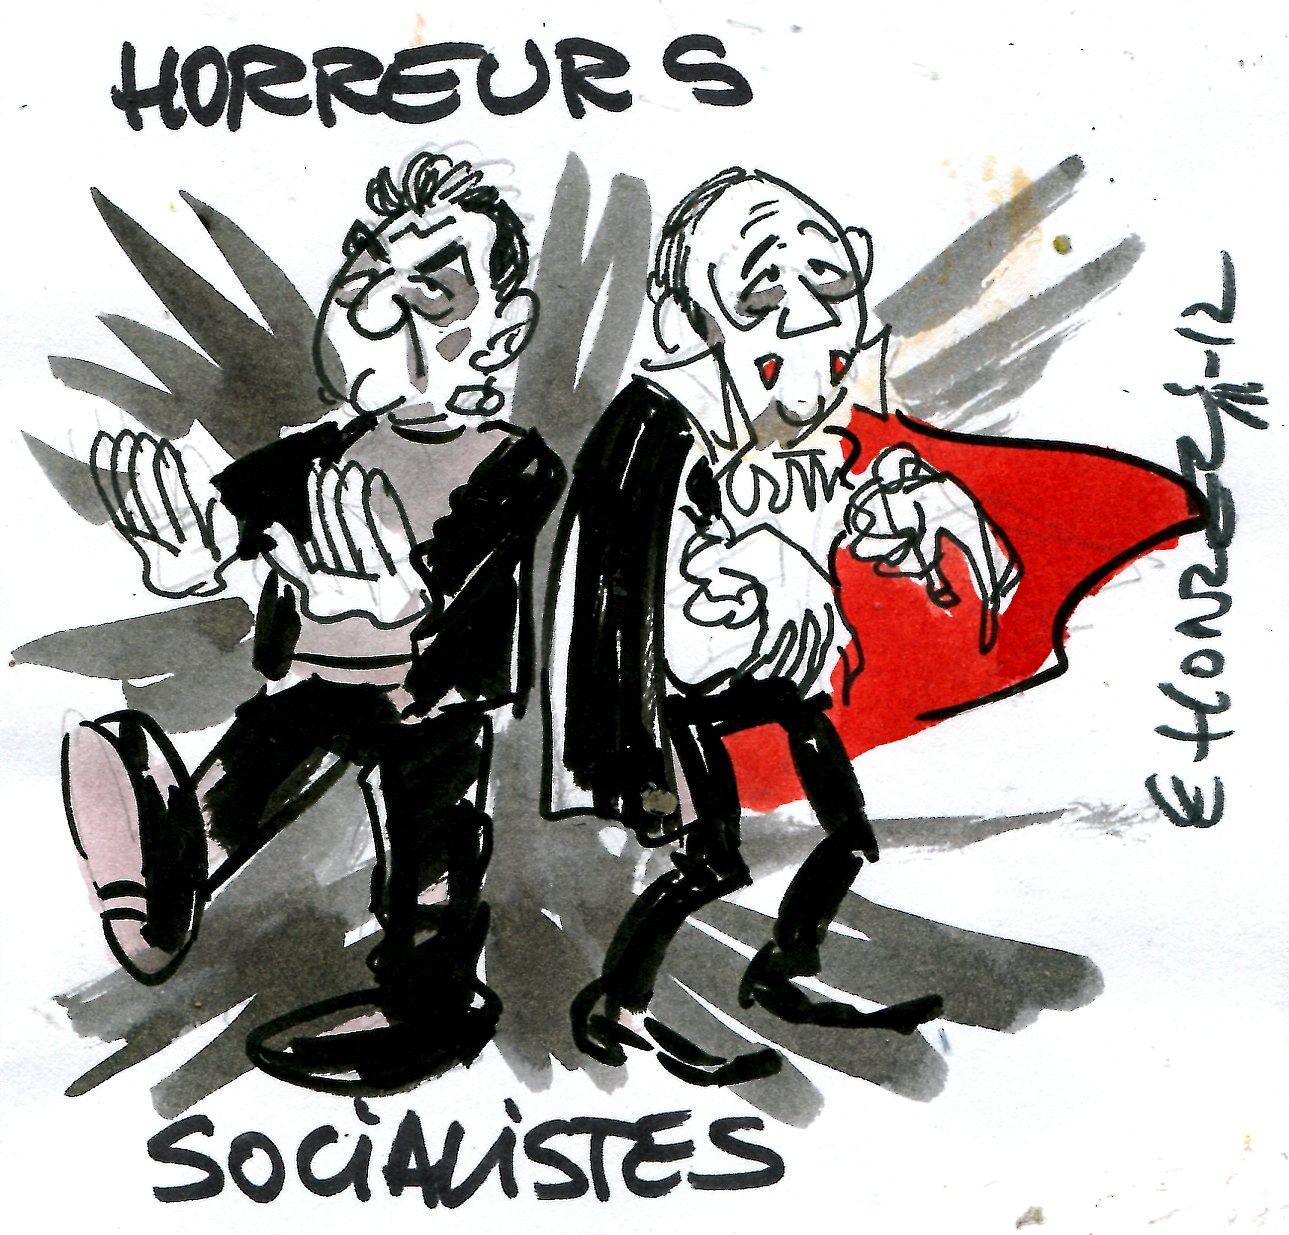 L'horreur socialiste